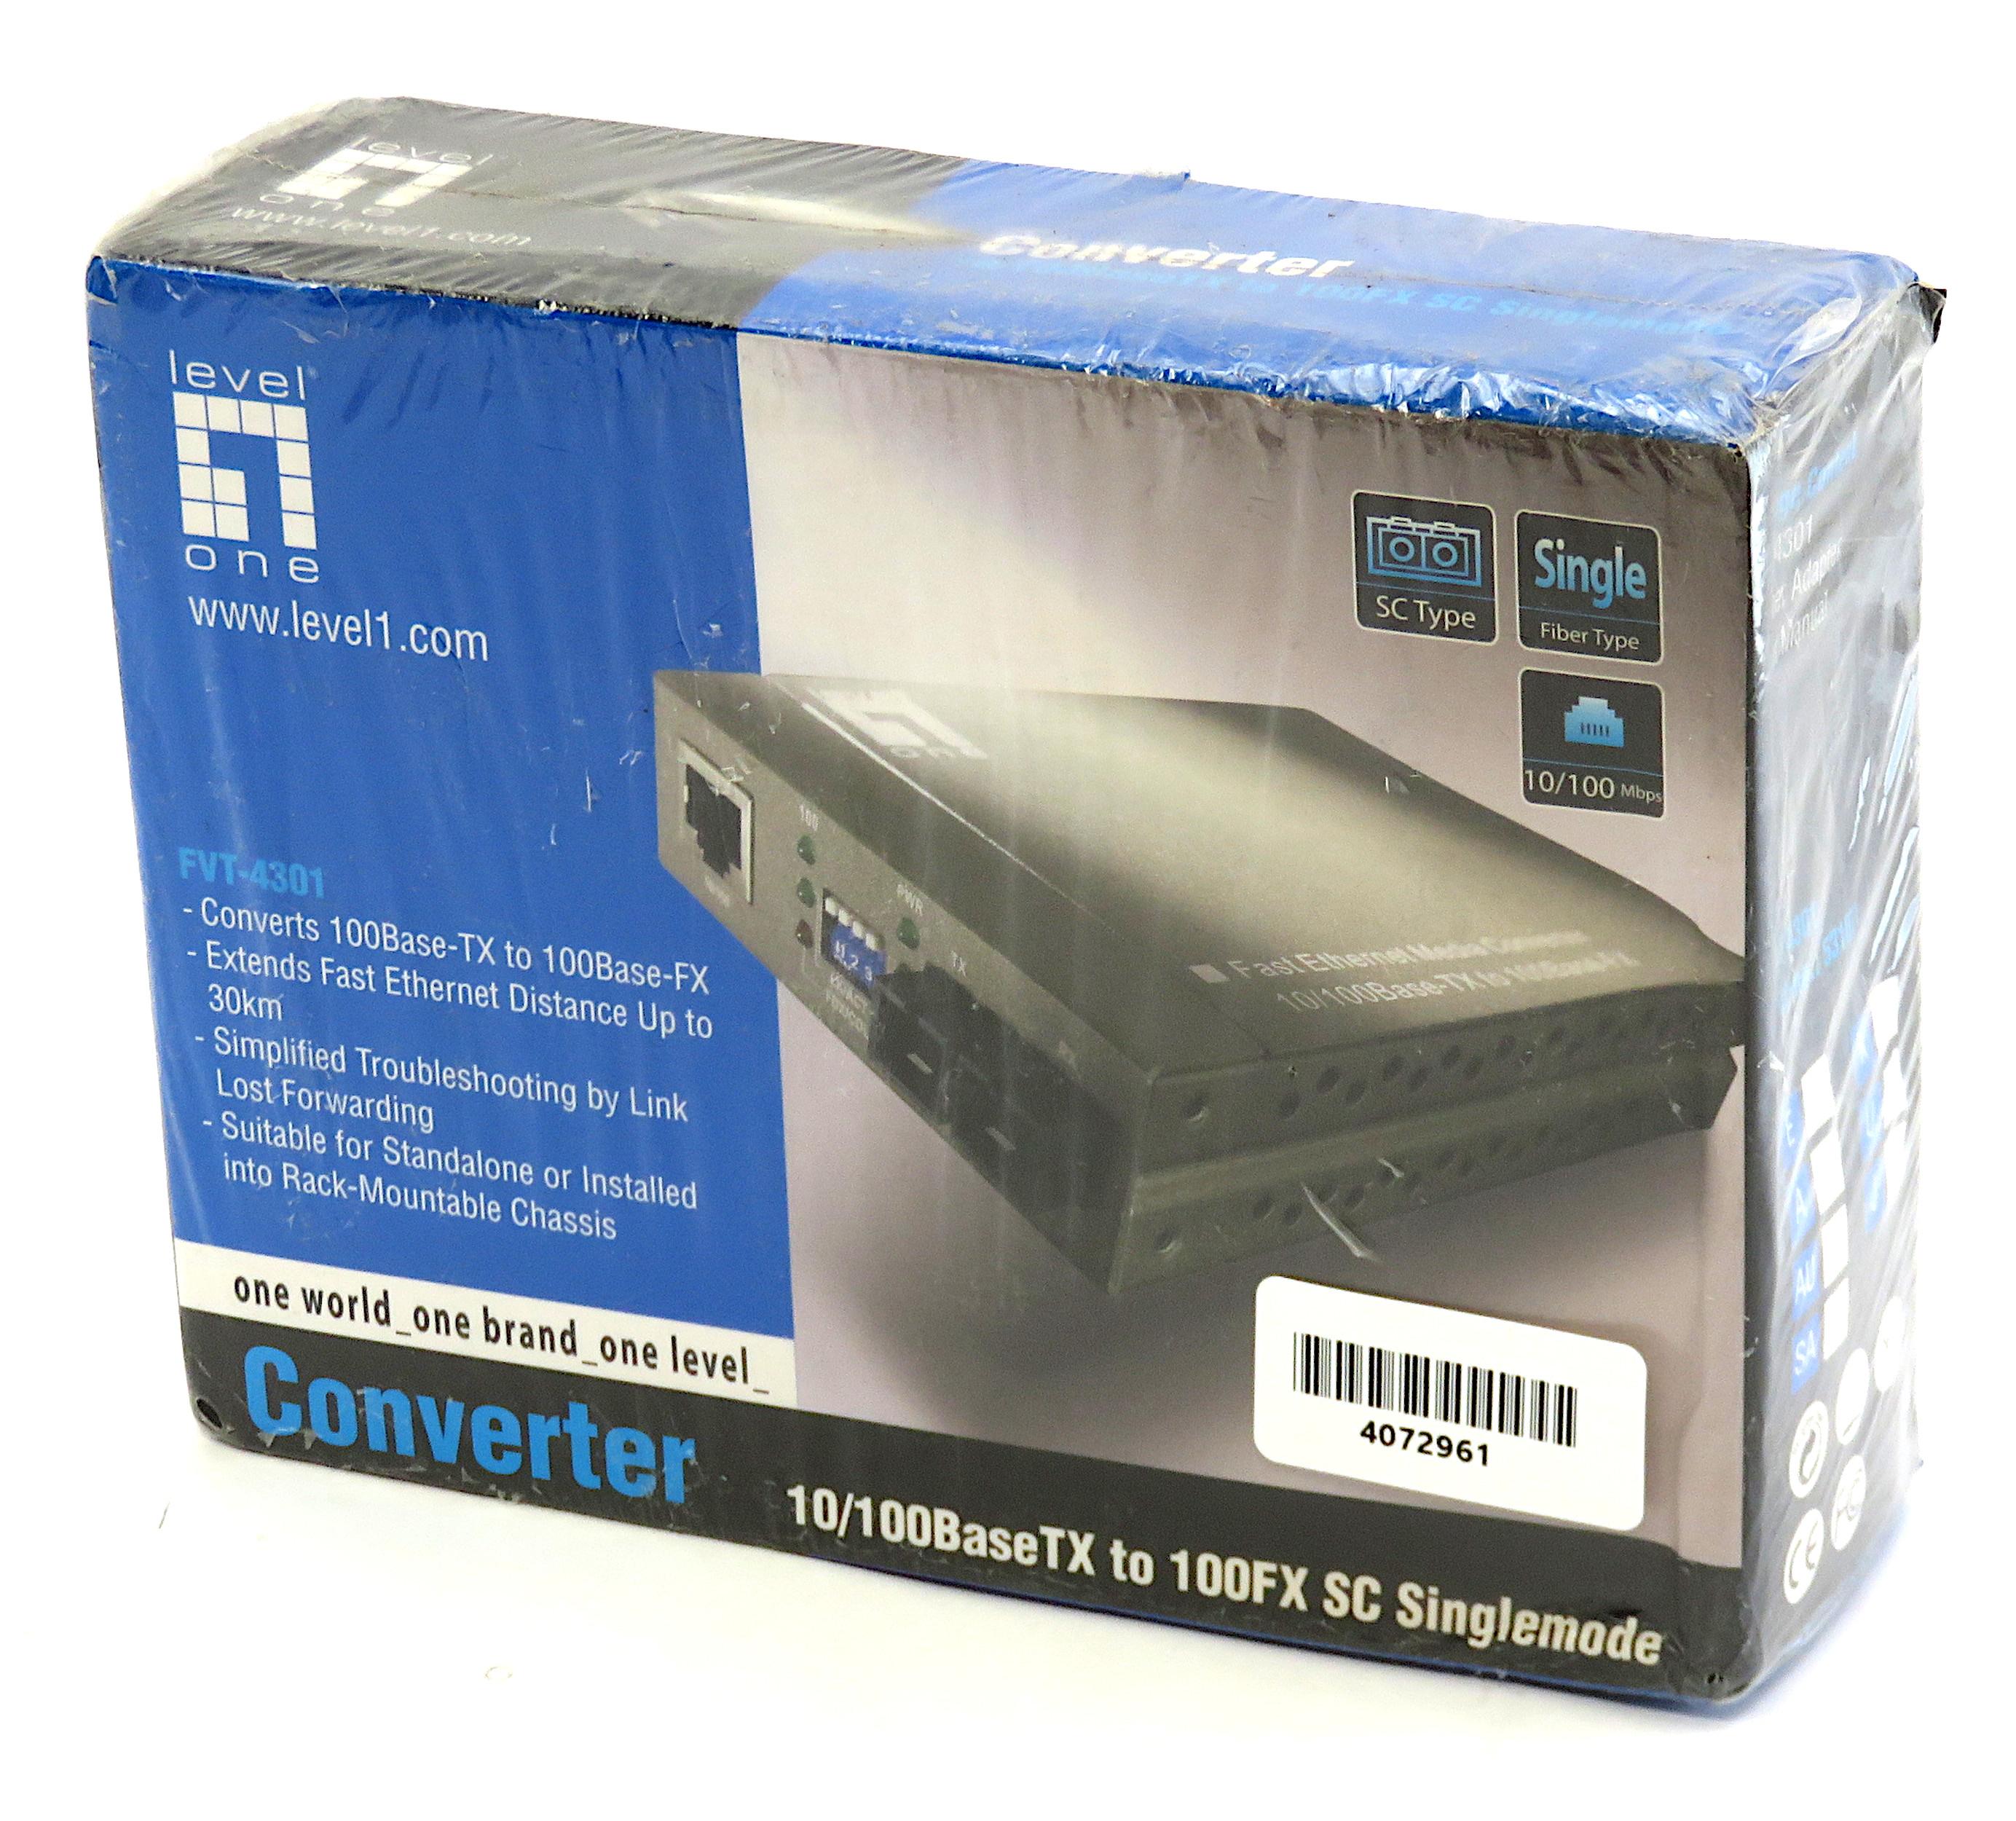 LevelOne FVT-4002 10/100BaseTX to 100FX ST Multimode Converter